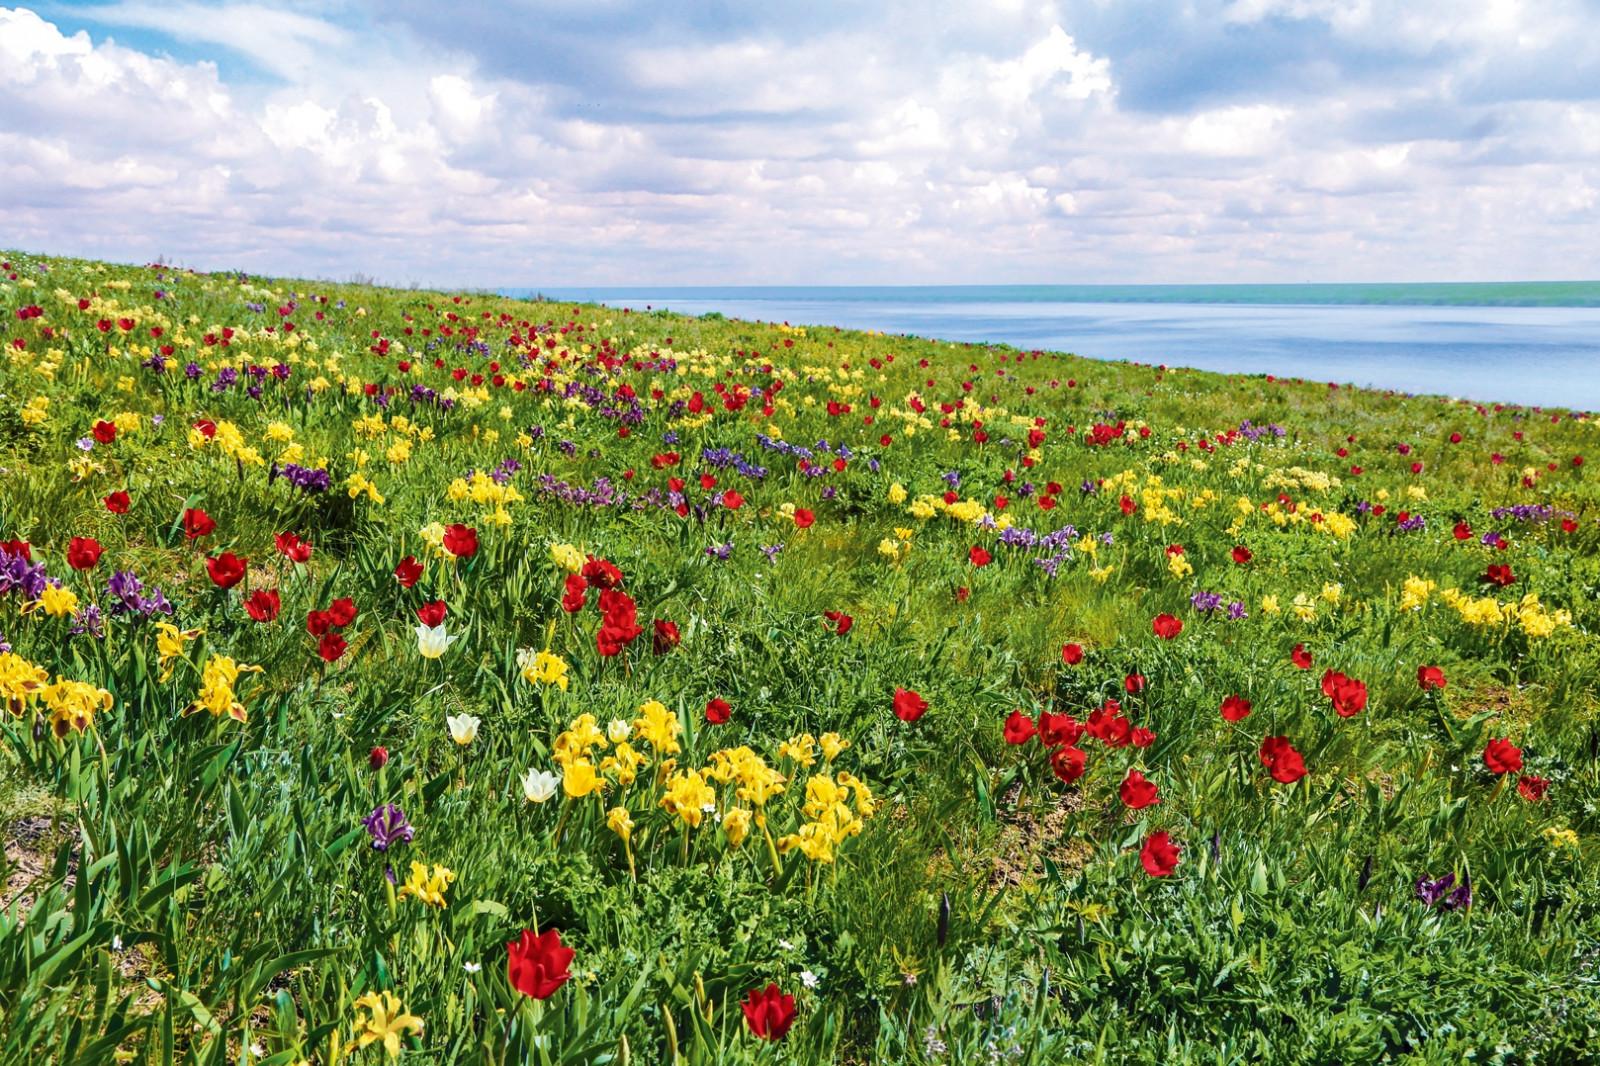 В долине Западного Маныча состоится фестиваль экологического туризма «Воспетая степь»